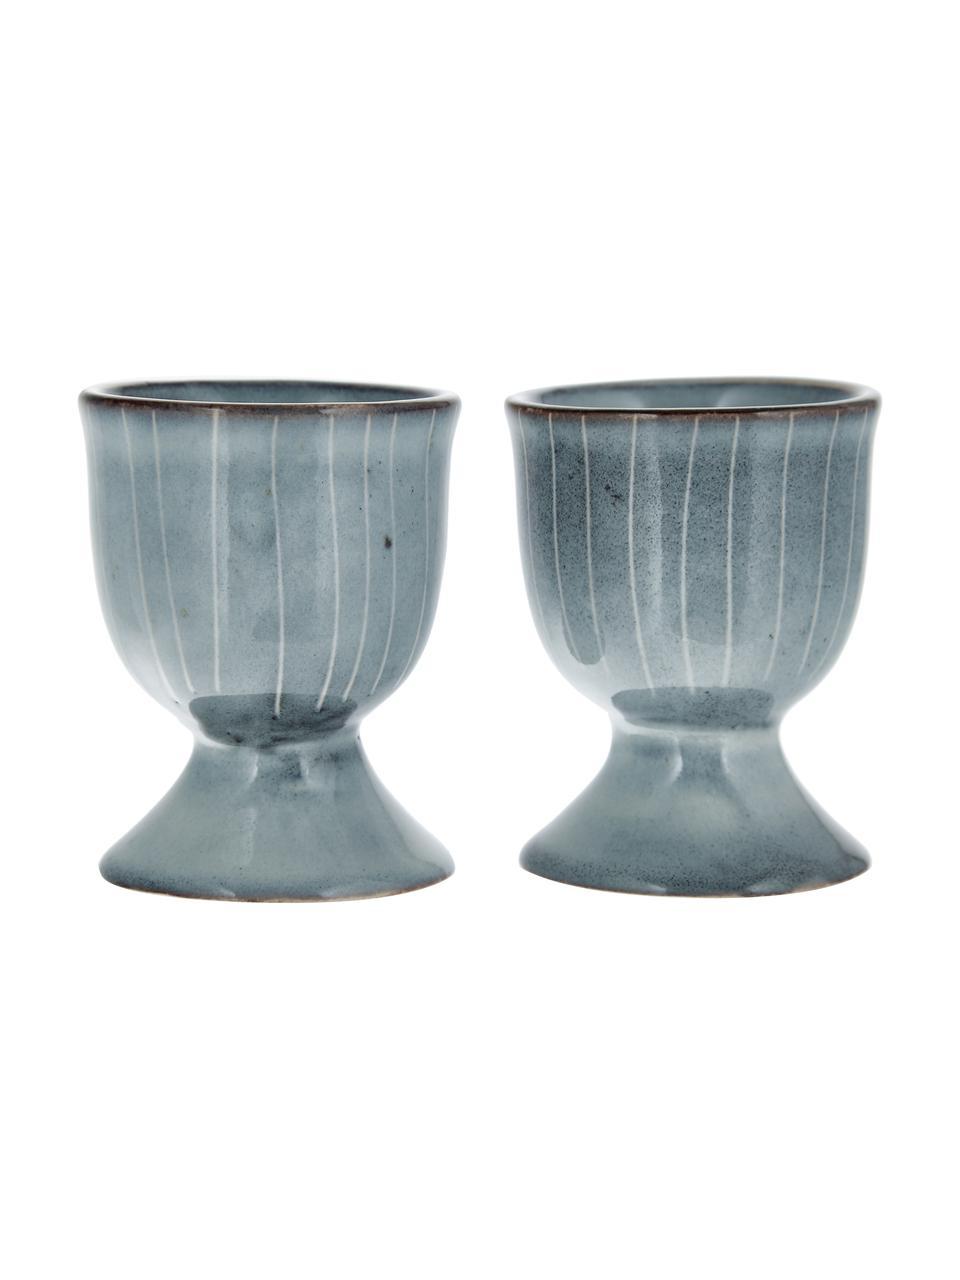 Soportes de huevo artesanales Nordic Sea, 2uds., Gres, Tonos grises y azules, Ø 5 x Al 6 cm